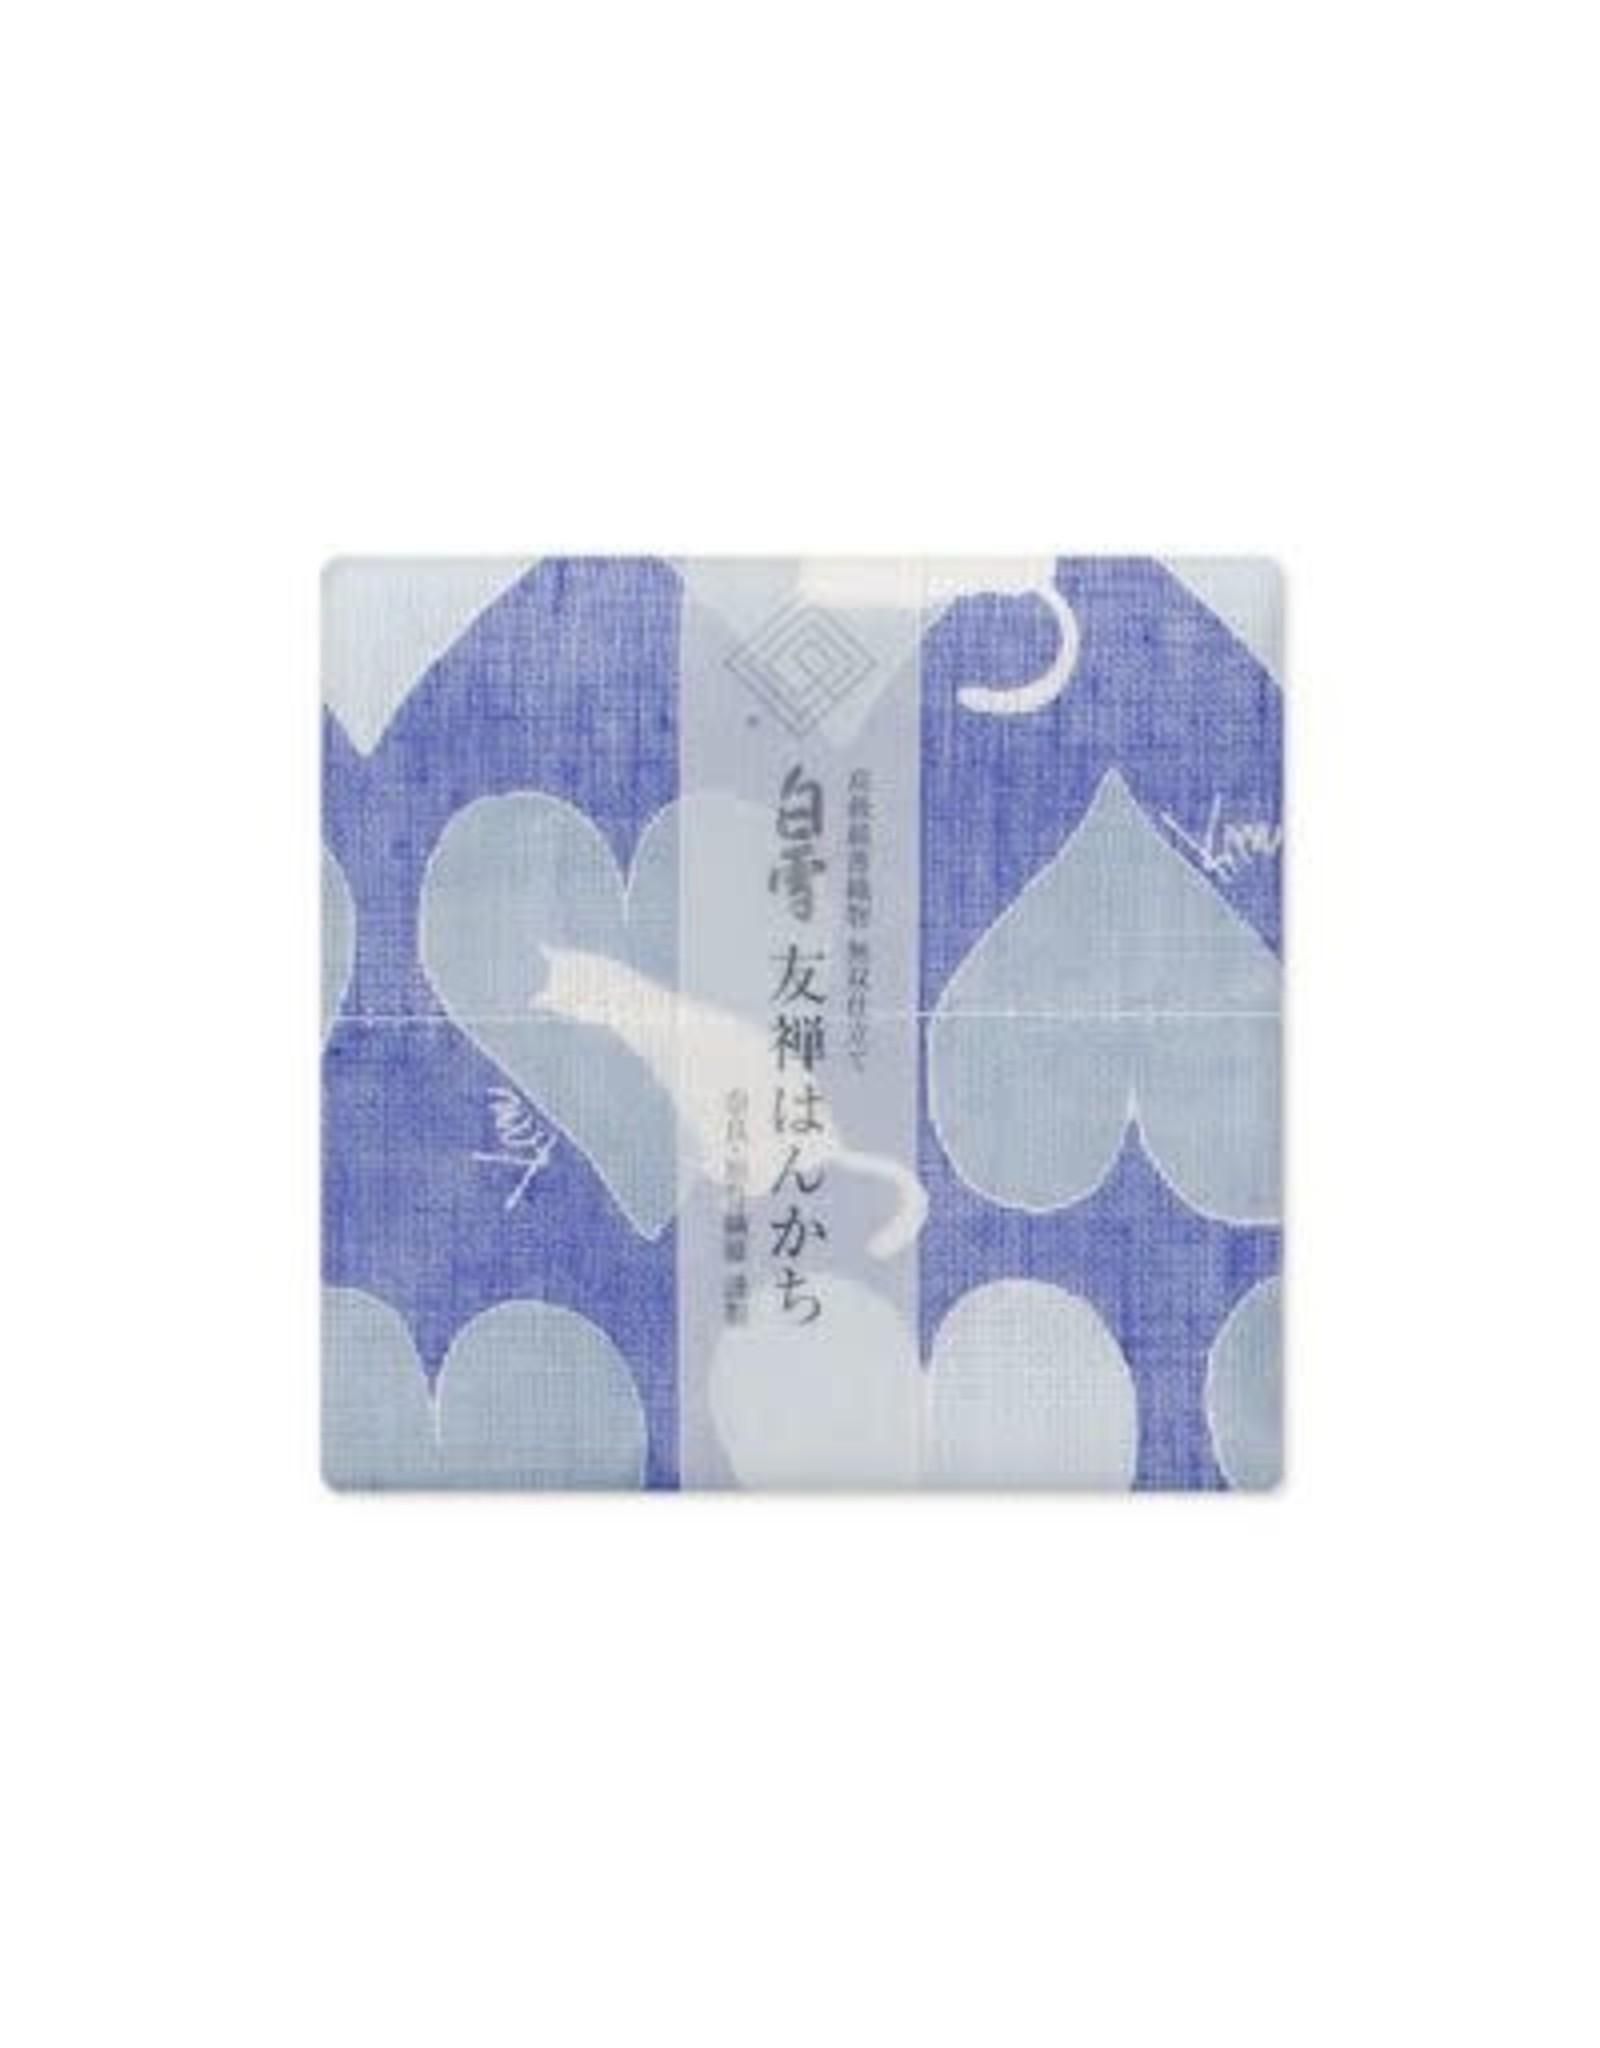 Shirayuki Fukin Co., Ltd. SHIRAYUKI FUKIN HANDKERCHIEF 30cm x 30 cm CAT BLUE